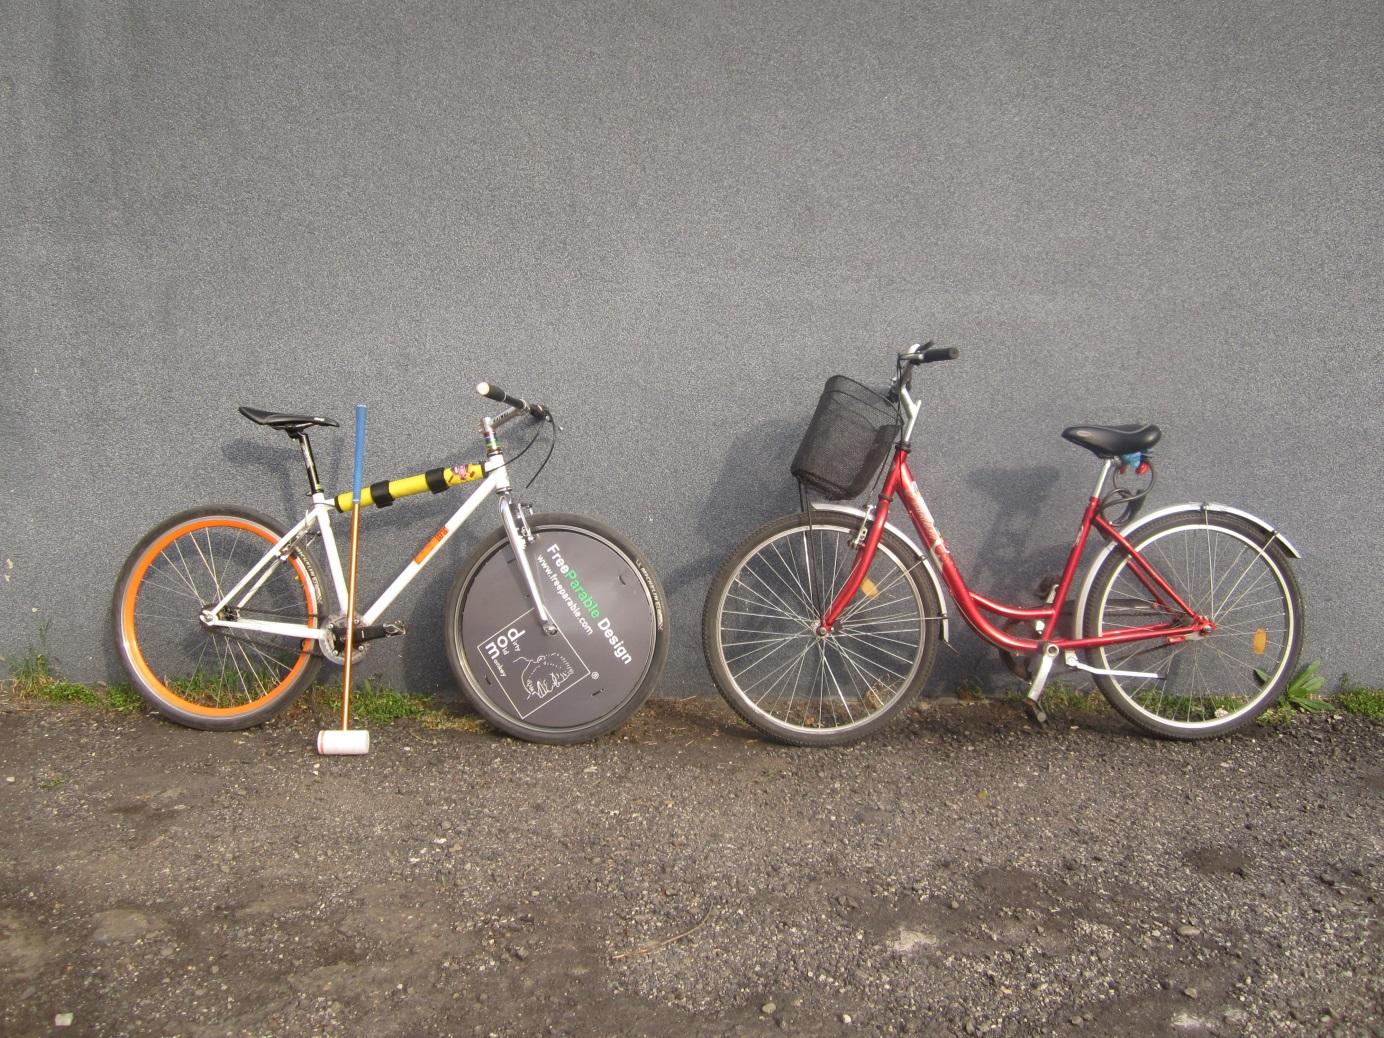 A képen a szerző első és utolsó kerékpárja látható